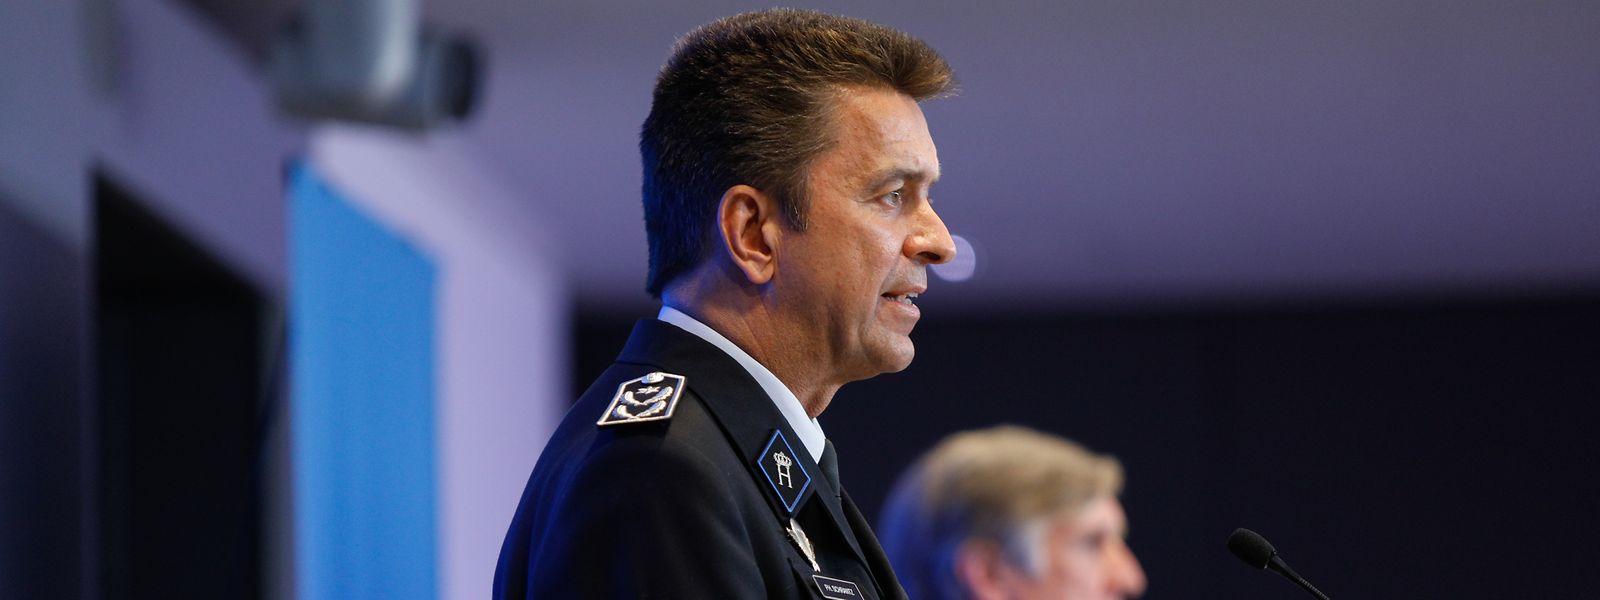 Pour Philippe Schrantz, directeur général de la police, le nombre de plaintes contre les agents n'est pas si élevé au vu des 8.000 contrôles effectués depuis le début du confinement